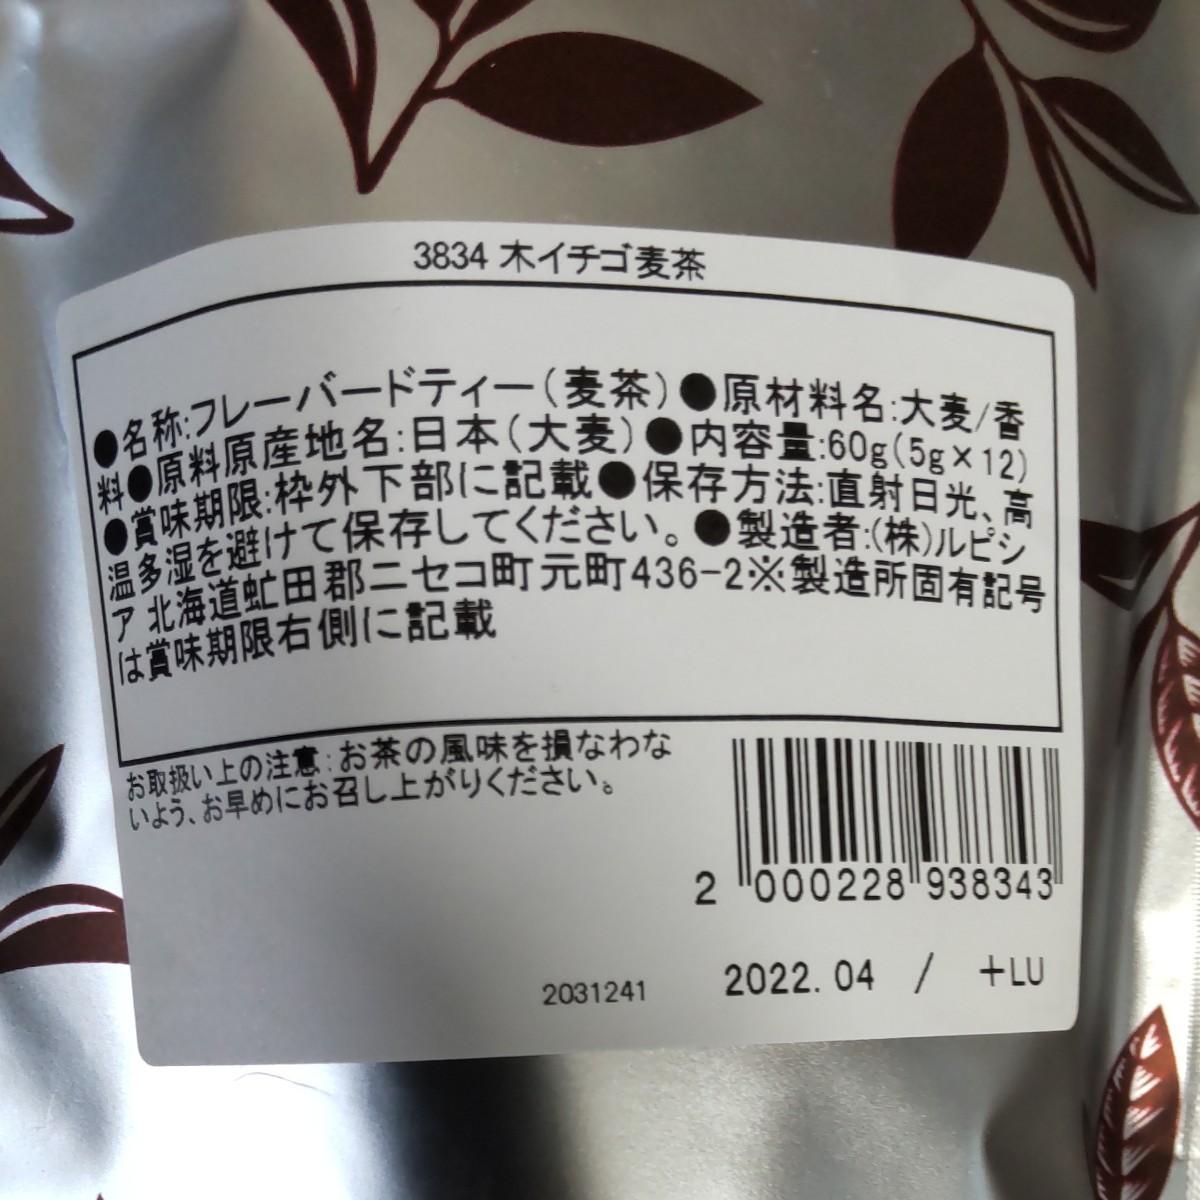 ルピシア ティーバッグ 木イチゴ麦茶